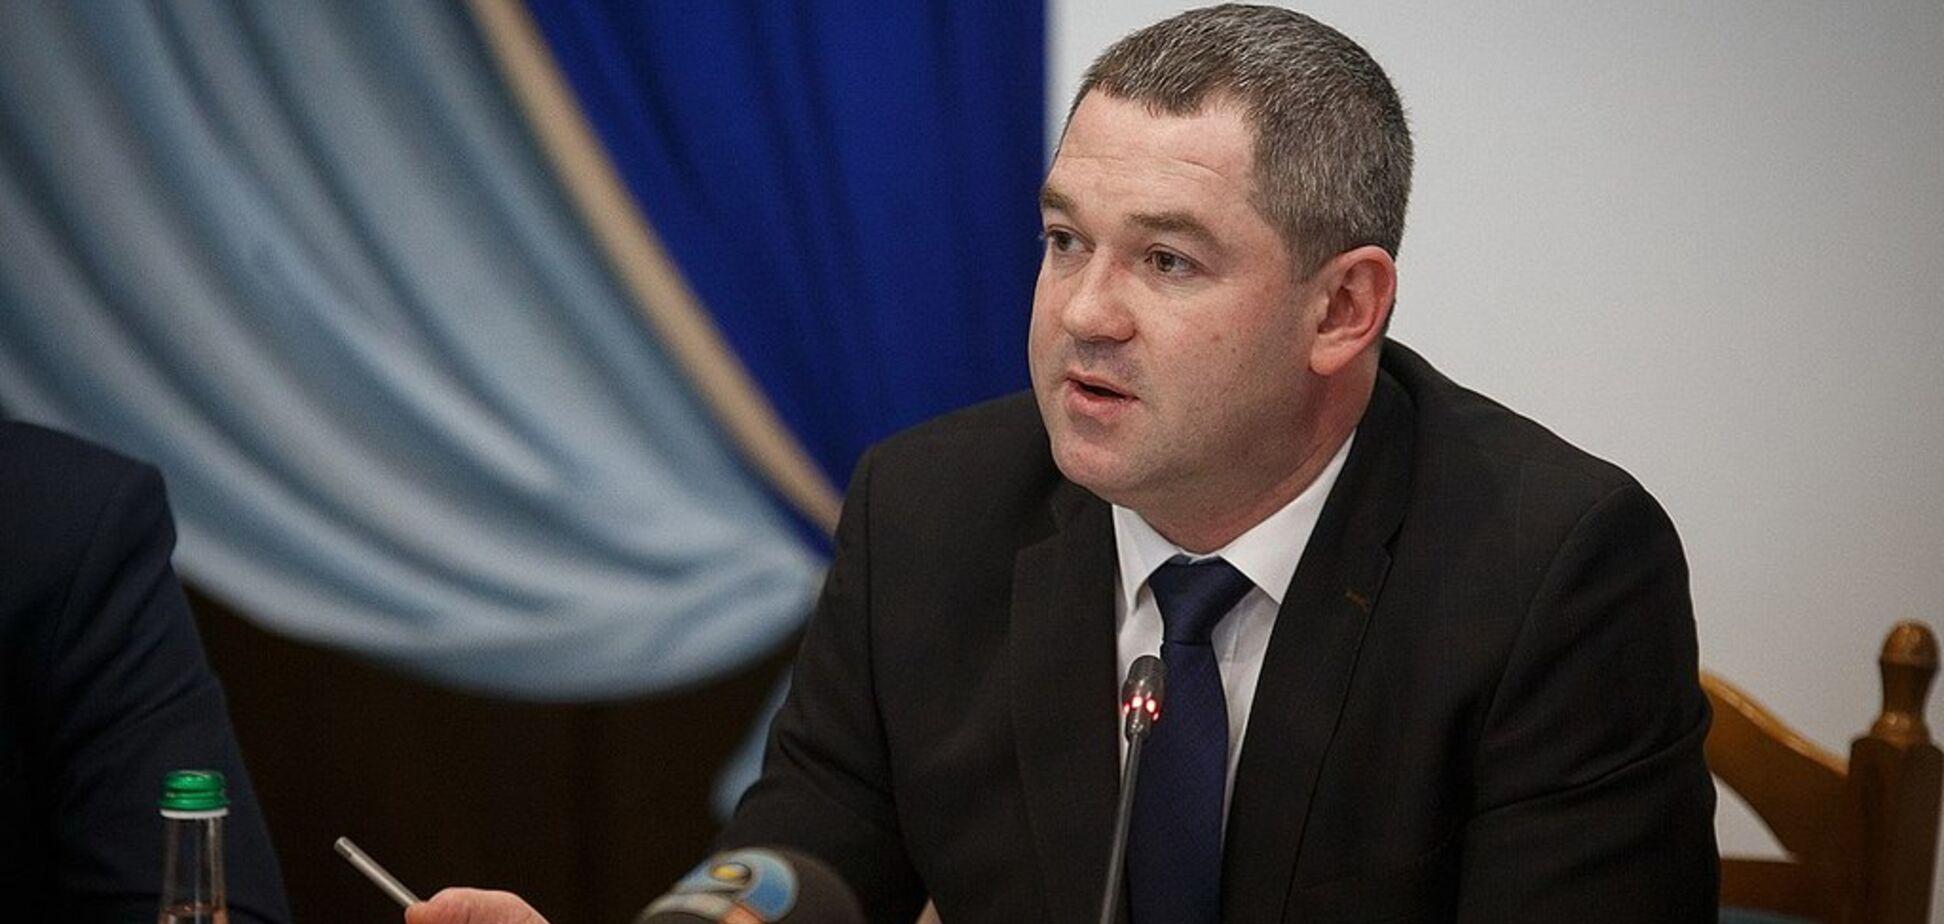 Сбежал или уехал лечиться? Куда на самом деле исчез экс-глава ГФС Украины